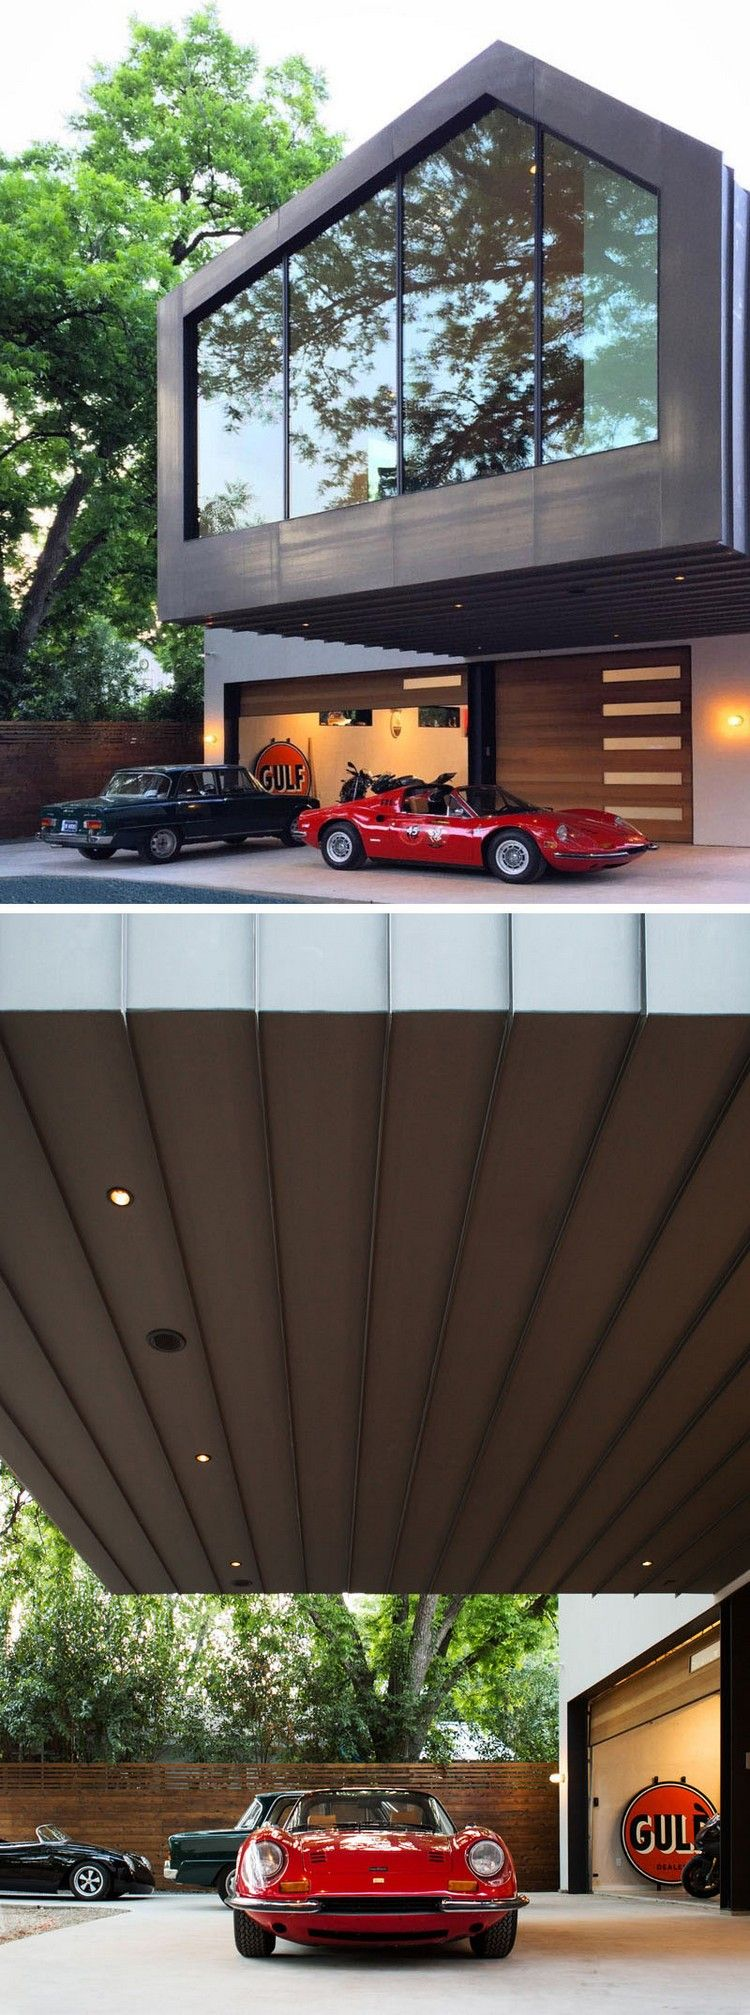 Great Architektur Modernes Traumhaus Auskragung Garage #traumhäuser #dream #home